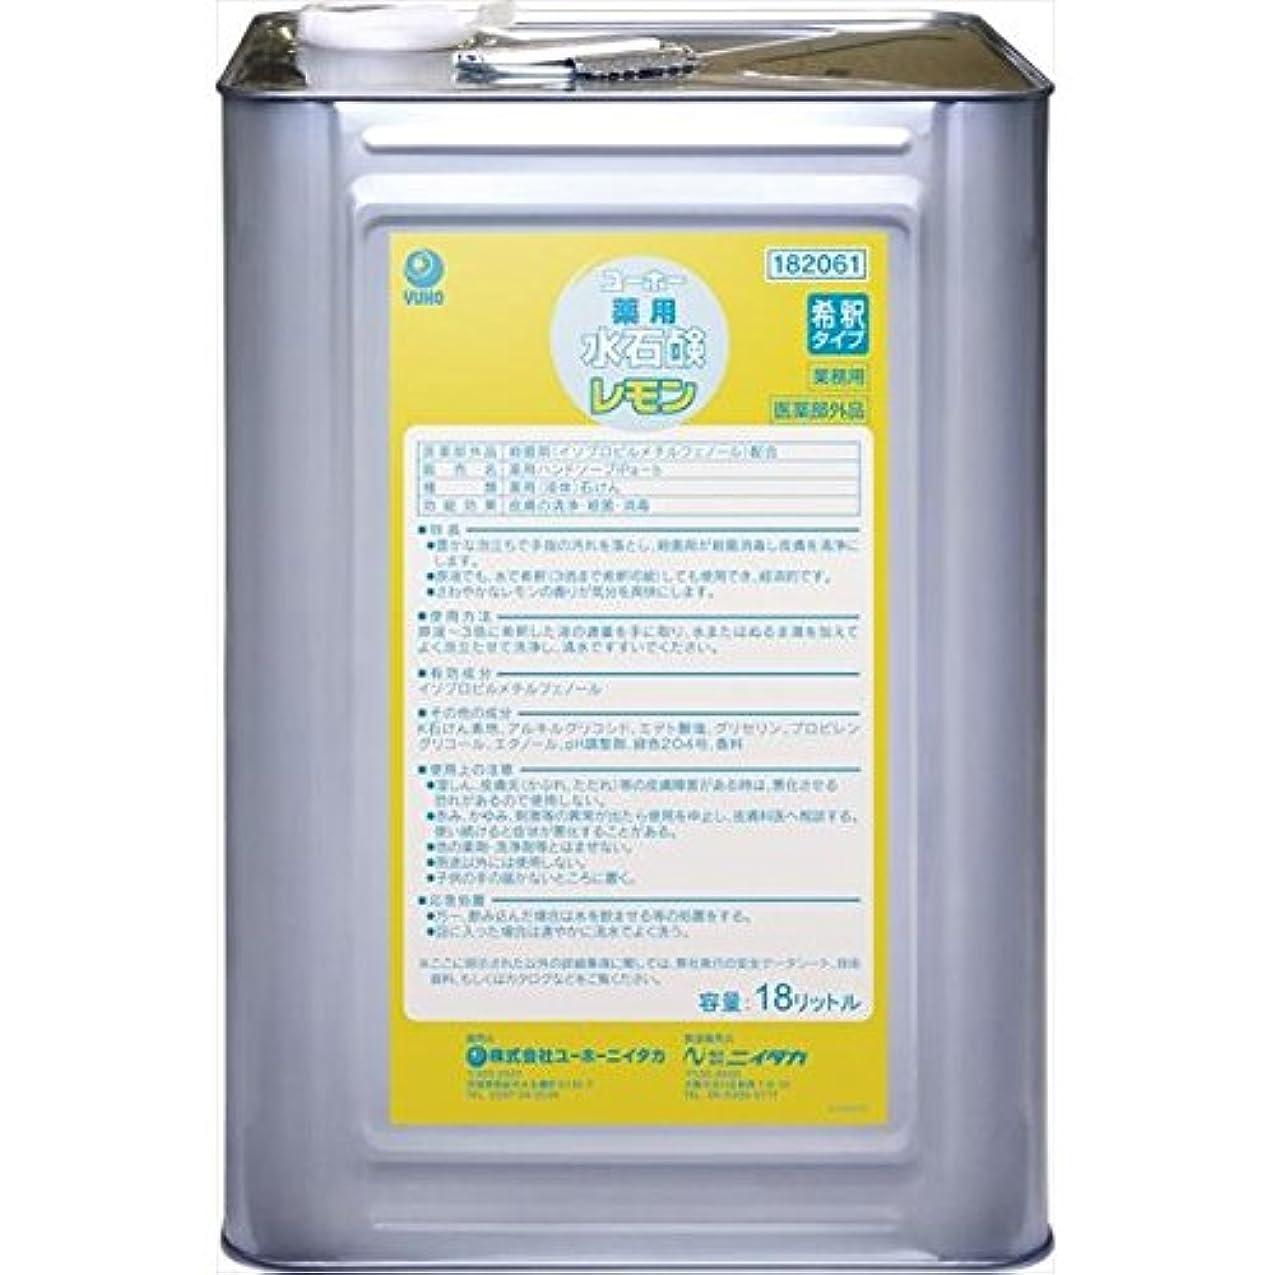 ひいきにする迷信資格ユーホーニイタカ:薬用水石鹸レモン 18L 182061